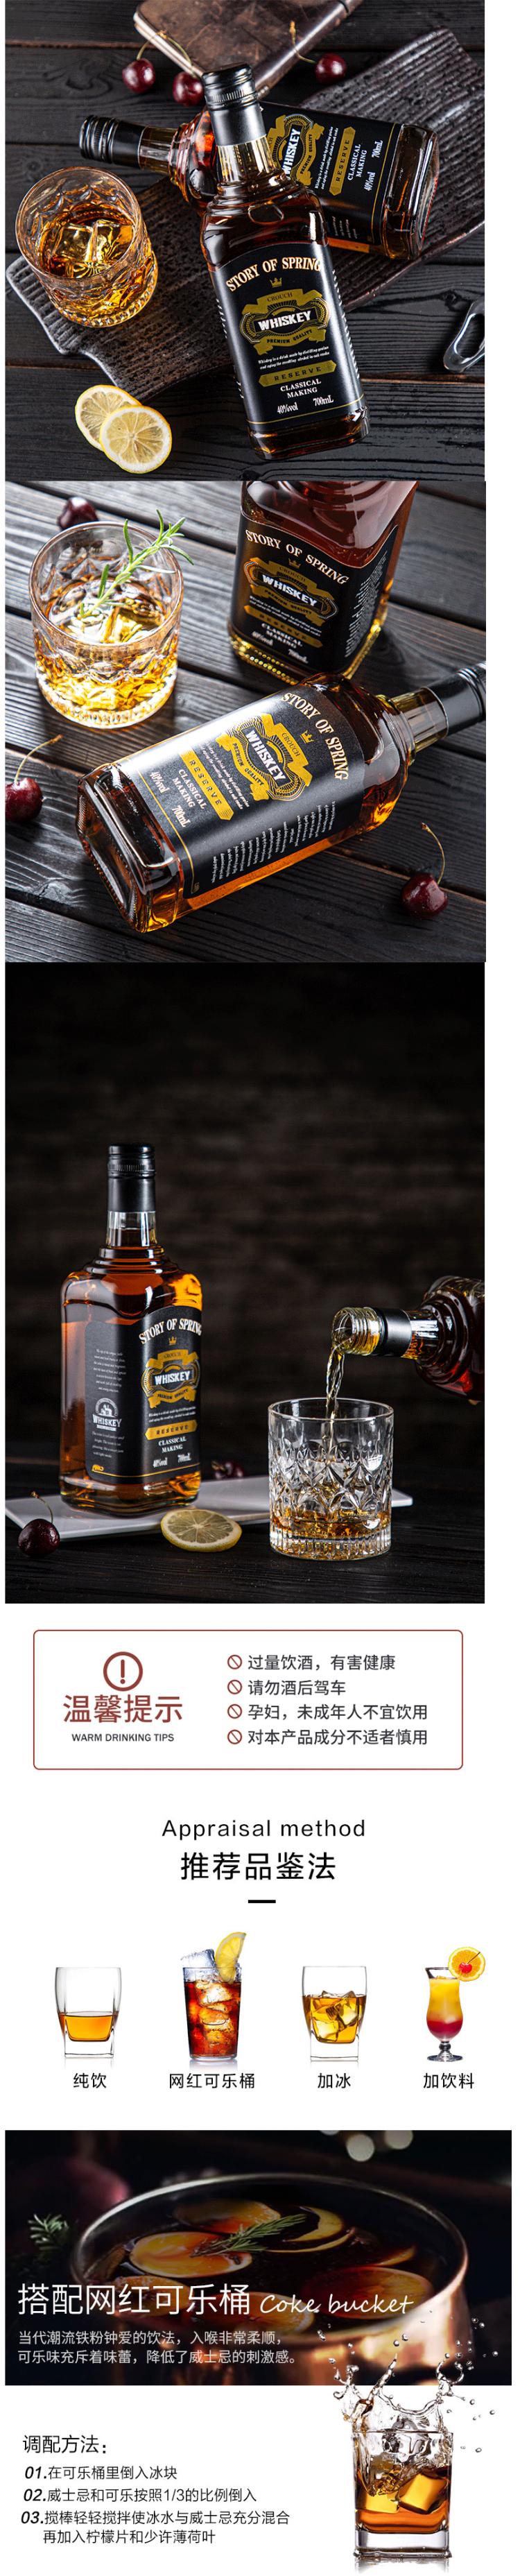 苏格兰进口,橡木桶陈酿:700mlx2瓶 克洛奇 40度威士忌酒 68元包邮,送酒杯+冰石 买手党-买手聚集的地方